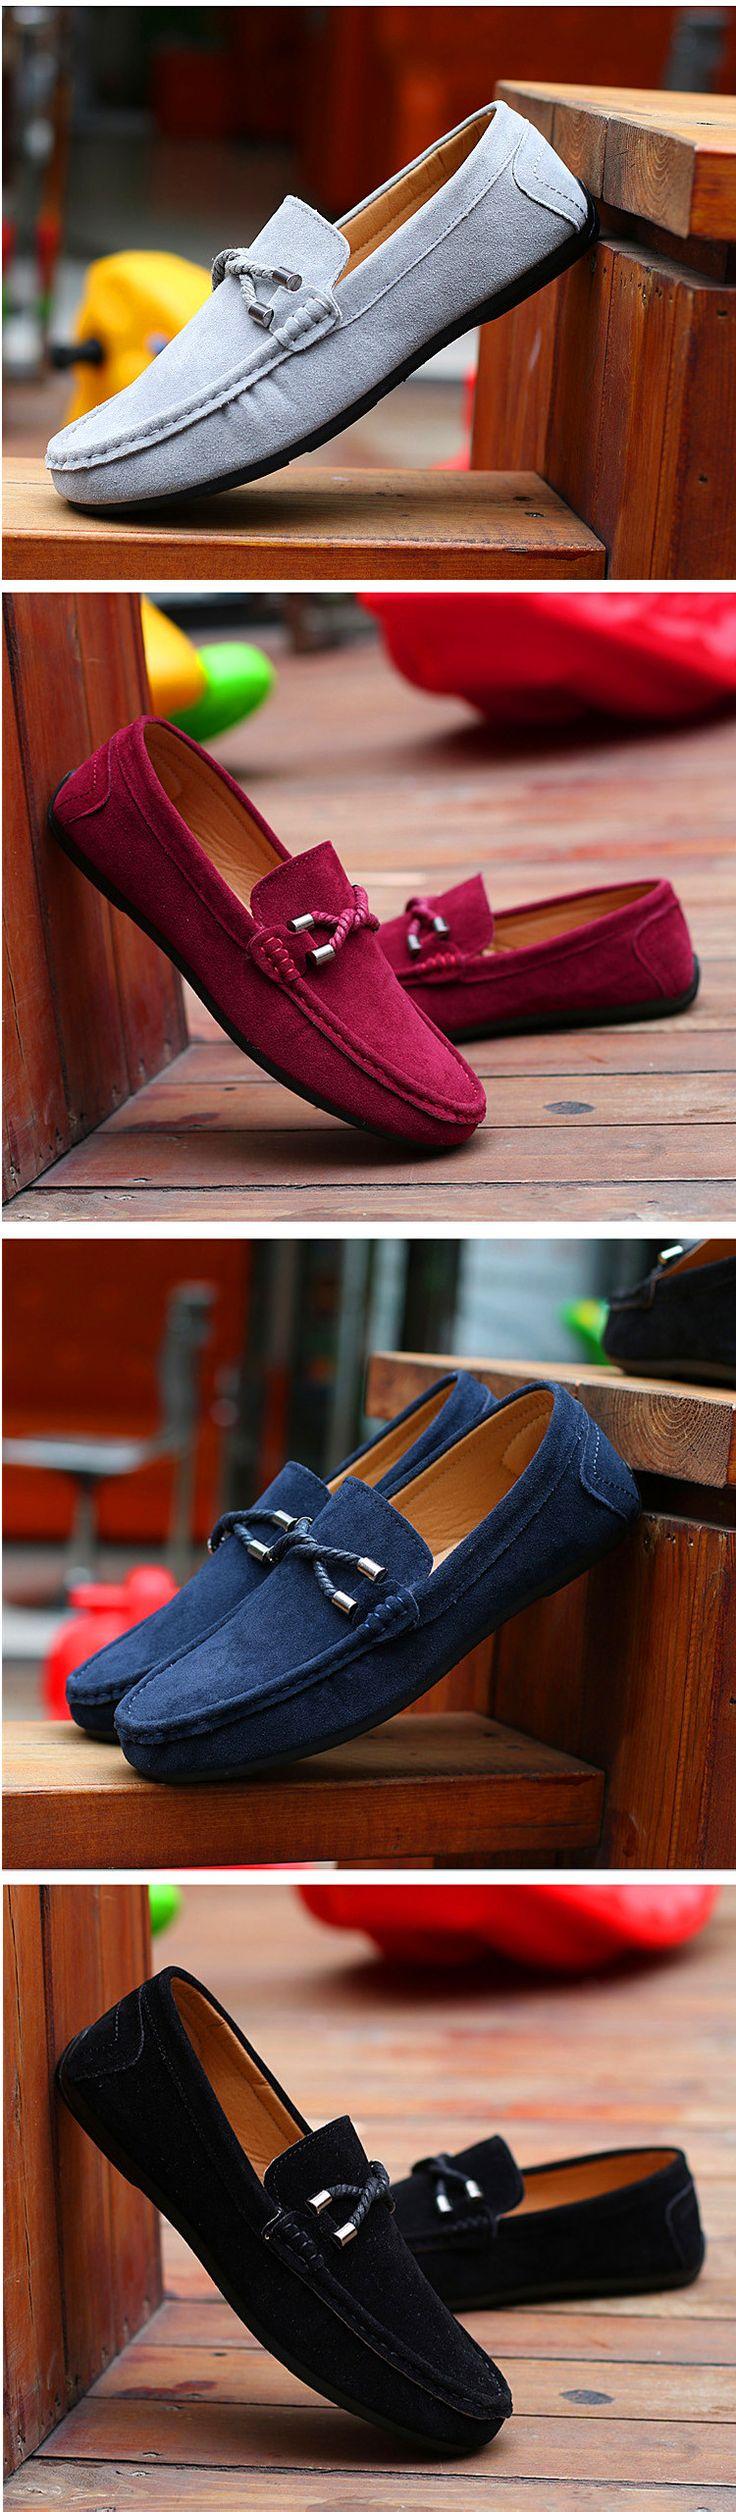 Новых внешней торговли мужские легкие летом замша кожа обувь Горох корейской версии повседневная обувь ленивый обувь британских мужчин вождения - Taobao